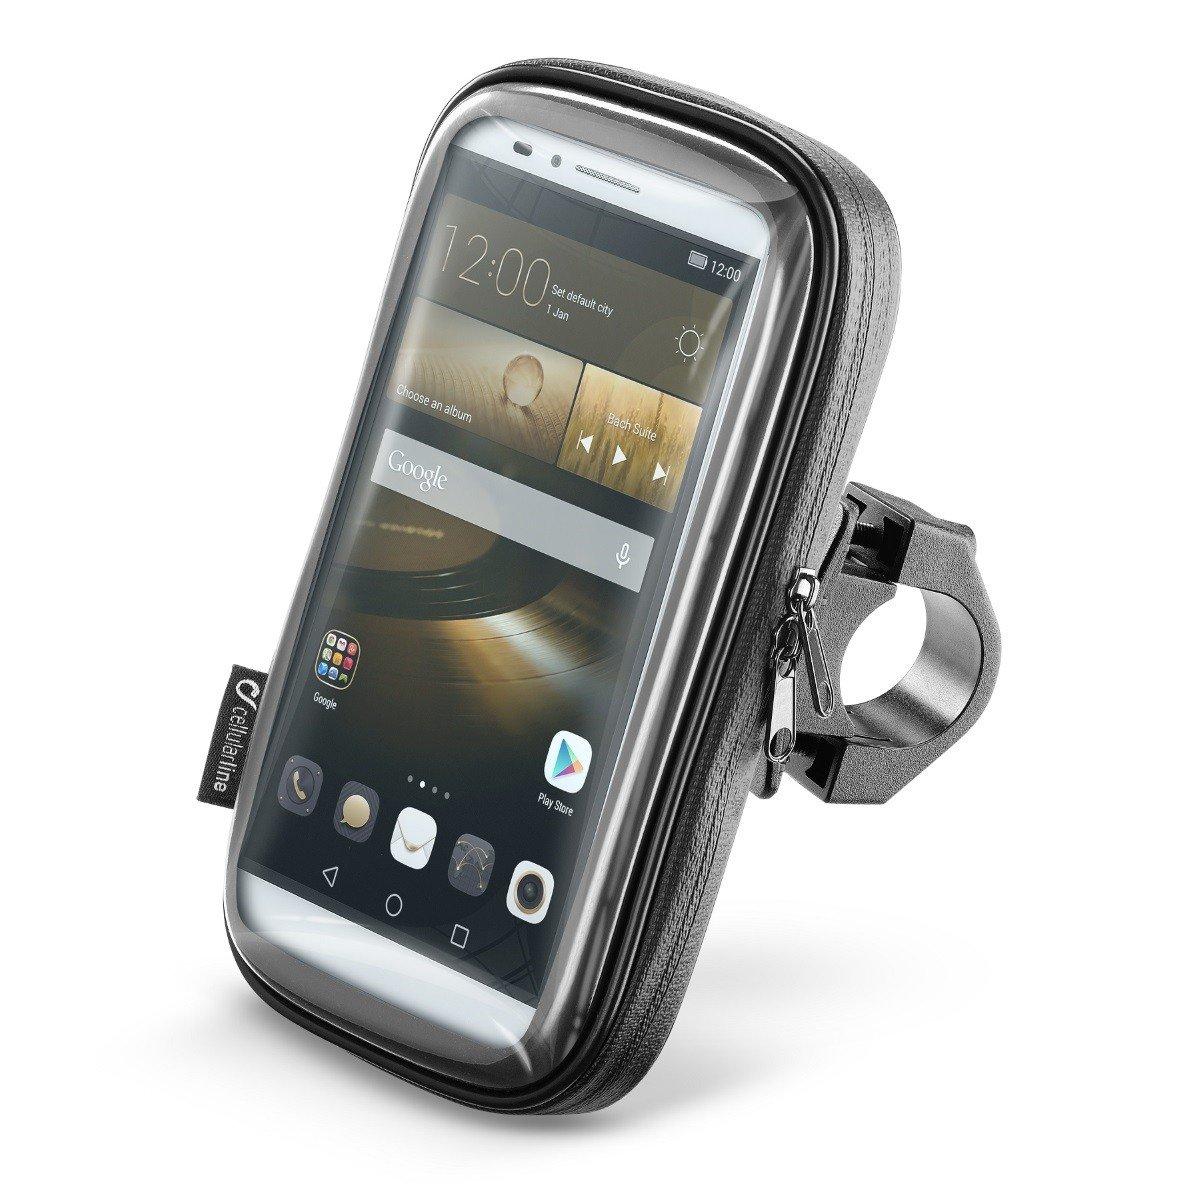 """Voděodolné pouzdro Interphone SMART pro telefony do velikosti 6,0"""" + úchyt na řídítka (černé) univerzální"""